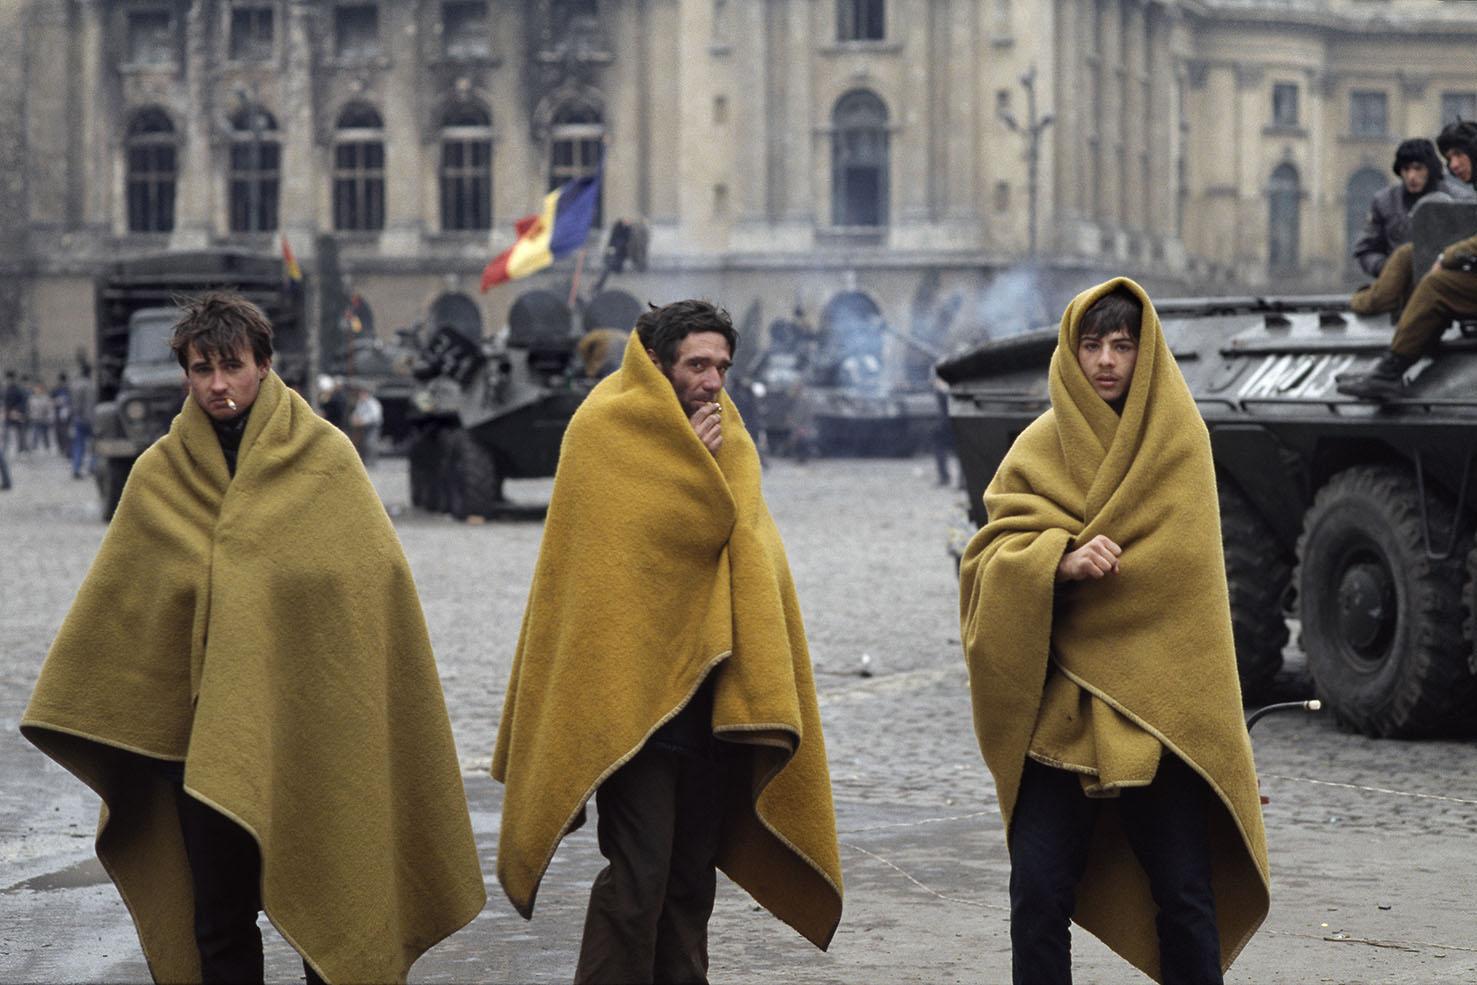 Mauro Galligani - Bucarest, Romania, 1989. La fine di Ceausescu. In piazza della Repubblica, tre rivoltosi si riparano dal freddo: è l'alba del 24 dicembre. Nell'aria, l'odore della fine della battaglia, un odore uguale in ogni parte del mondo: polvere, fumo, stanchezza e la paura di non sapere cosa accadrà domani. Il giorno dopo, Nicolae ed Elena Ceausescu vengono arrestati, processati e condannati a morte. Buon Natale, Romania.